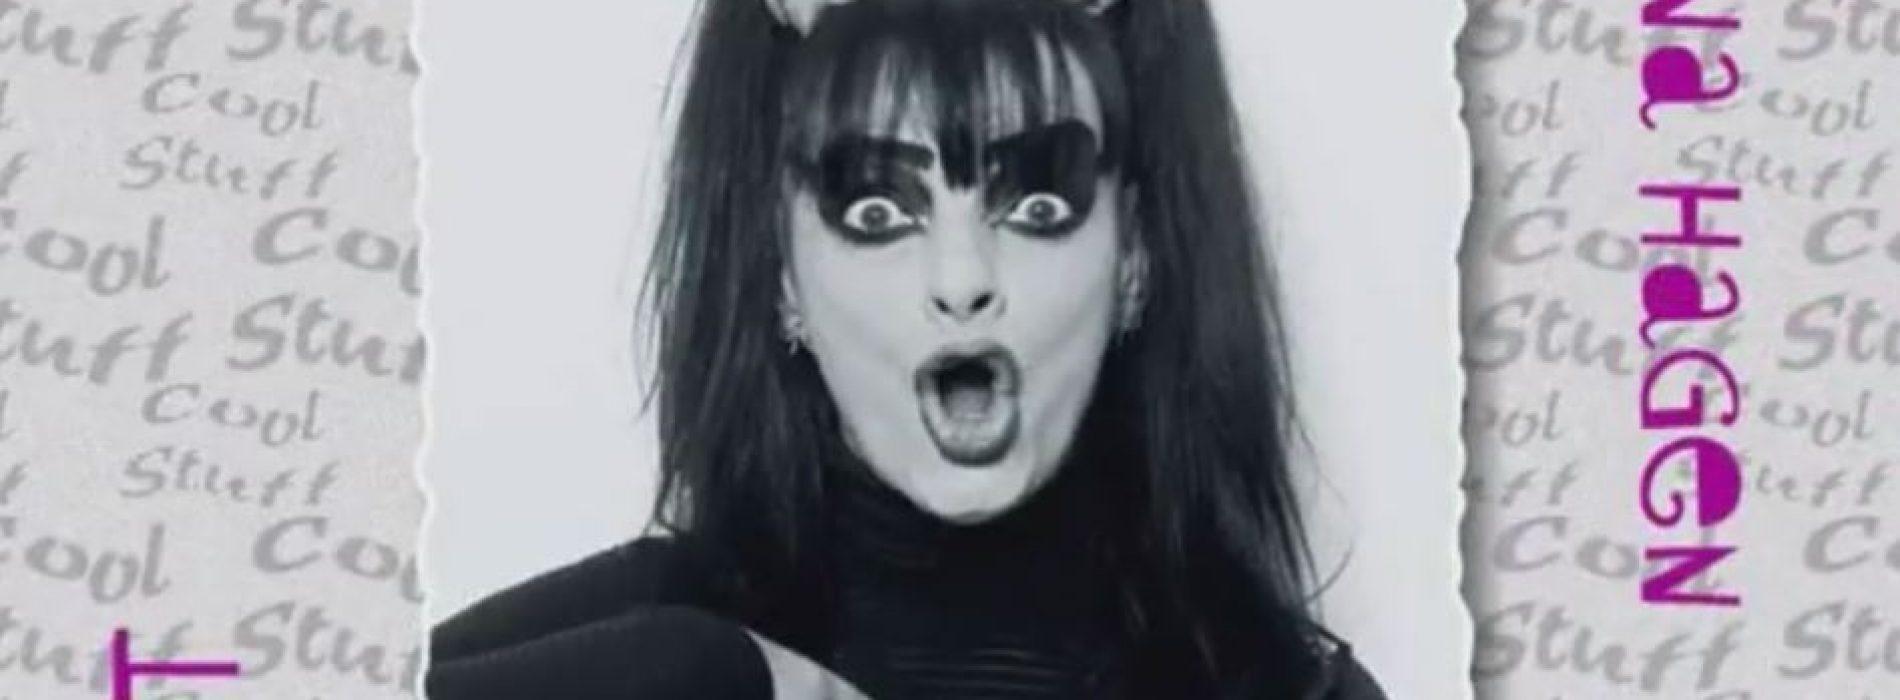 Trys 1995 metais moterų įrašyti albumai